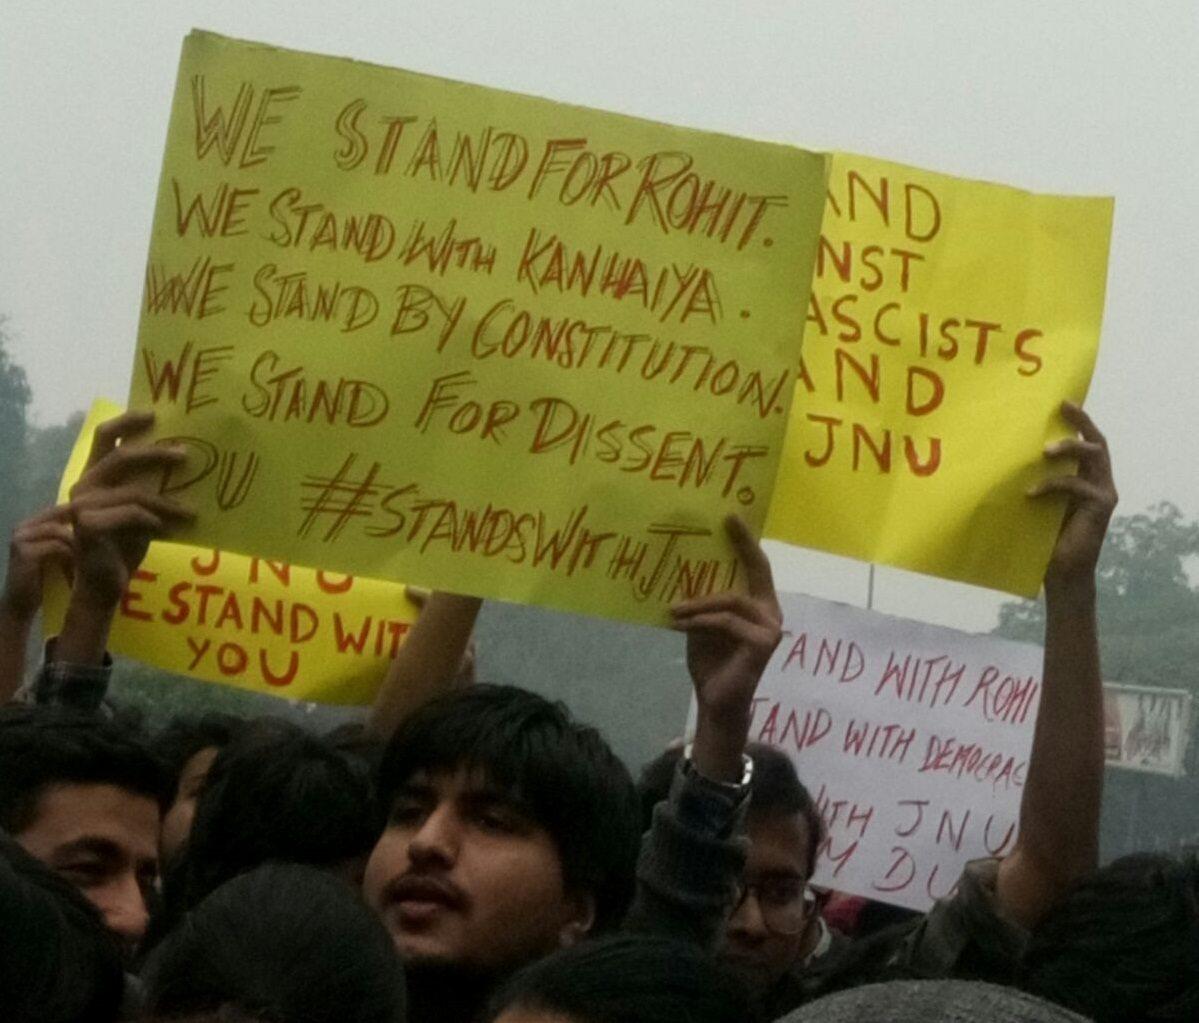 Image source: Rohini Banerjee